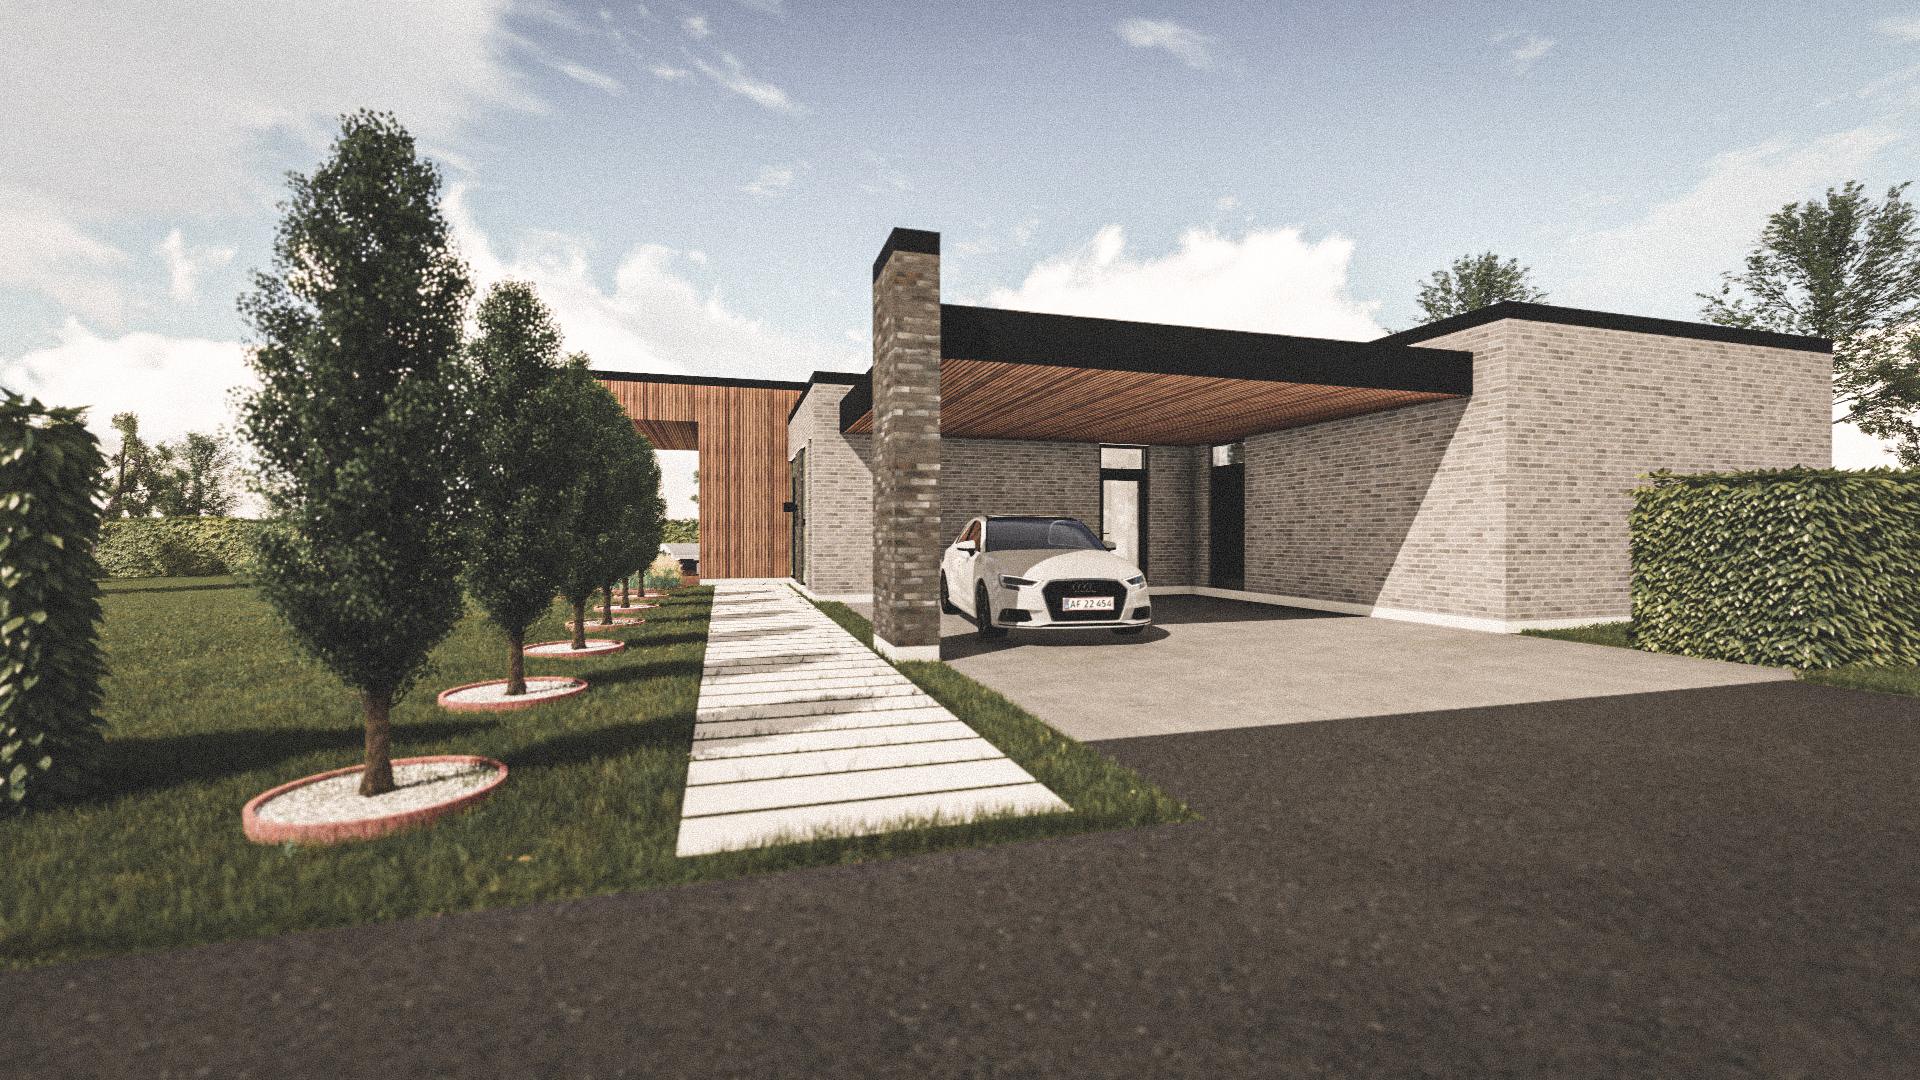 Billede af Dansk arkitekttegnet 1 plan villa af arkitektfirmaet m2plus, i Støvring på 192 kvartratmeter.